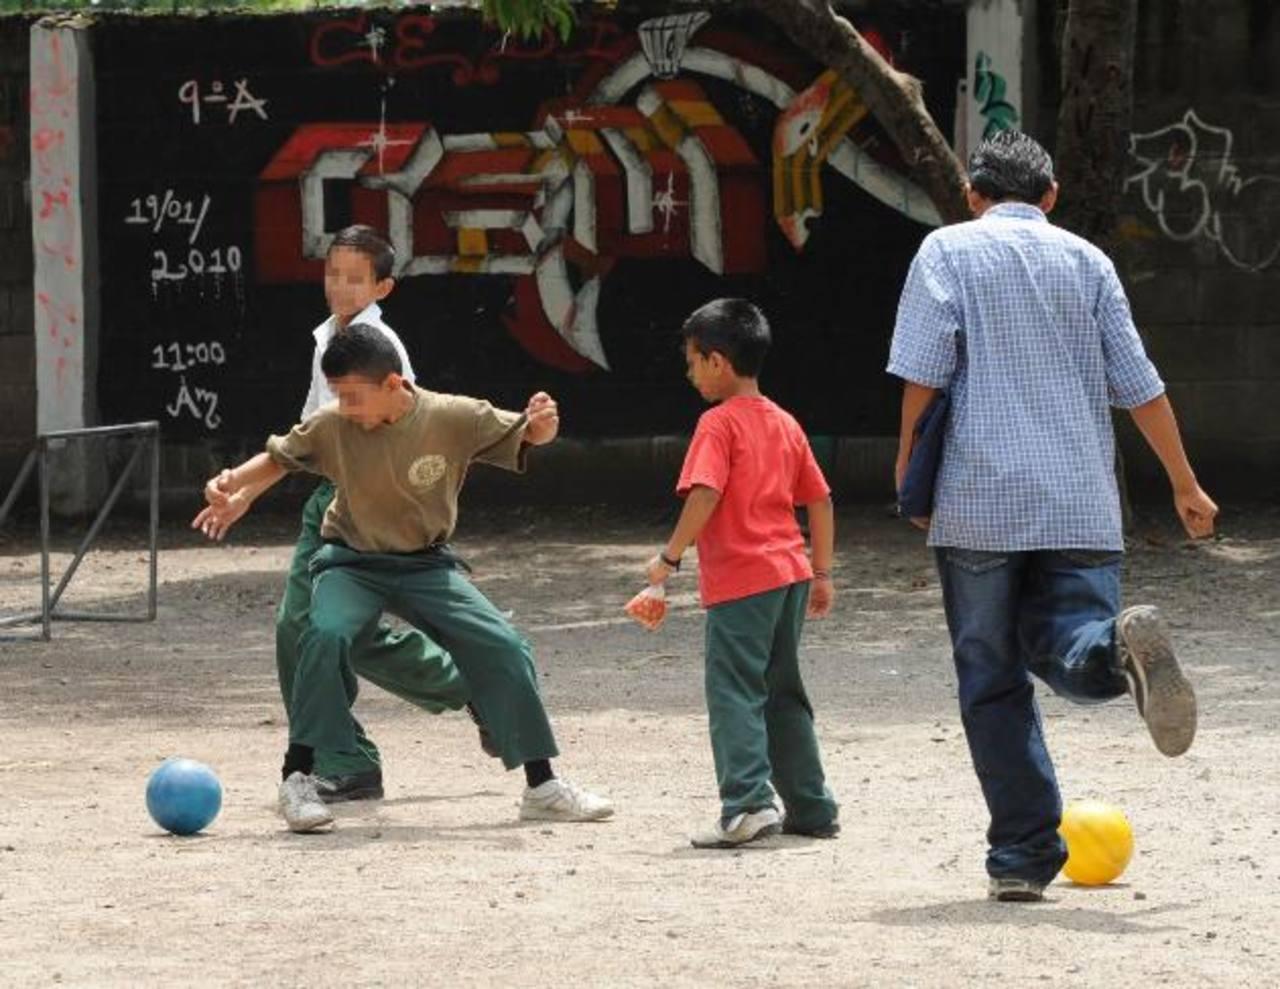 En algunos casos, la motivación del alumno por ir a la escuela es la posibilidad de jugar con sus amigos, dicen docentes. Foto EDH